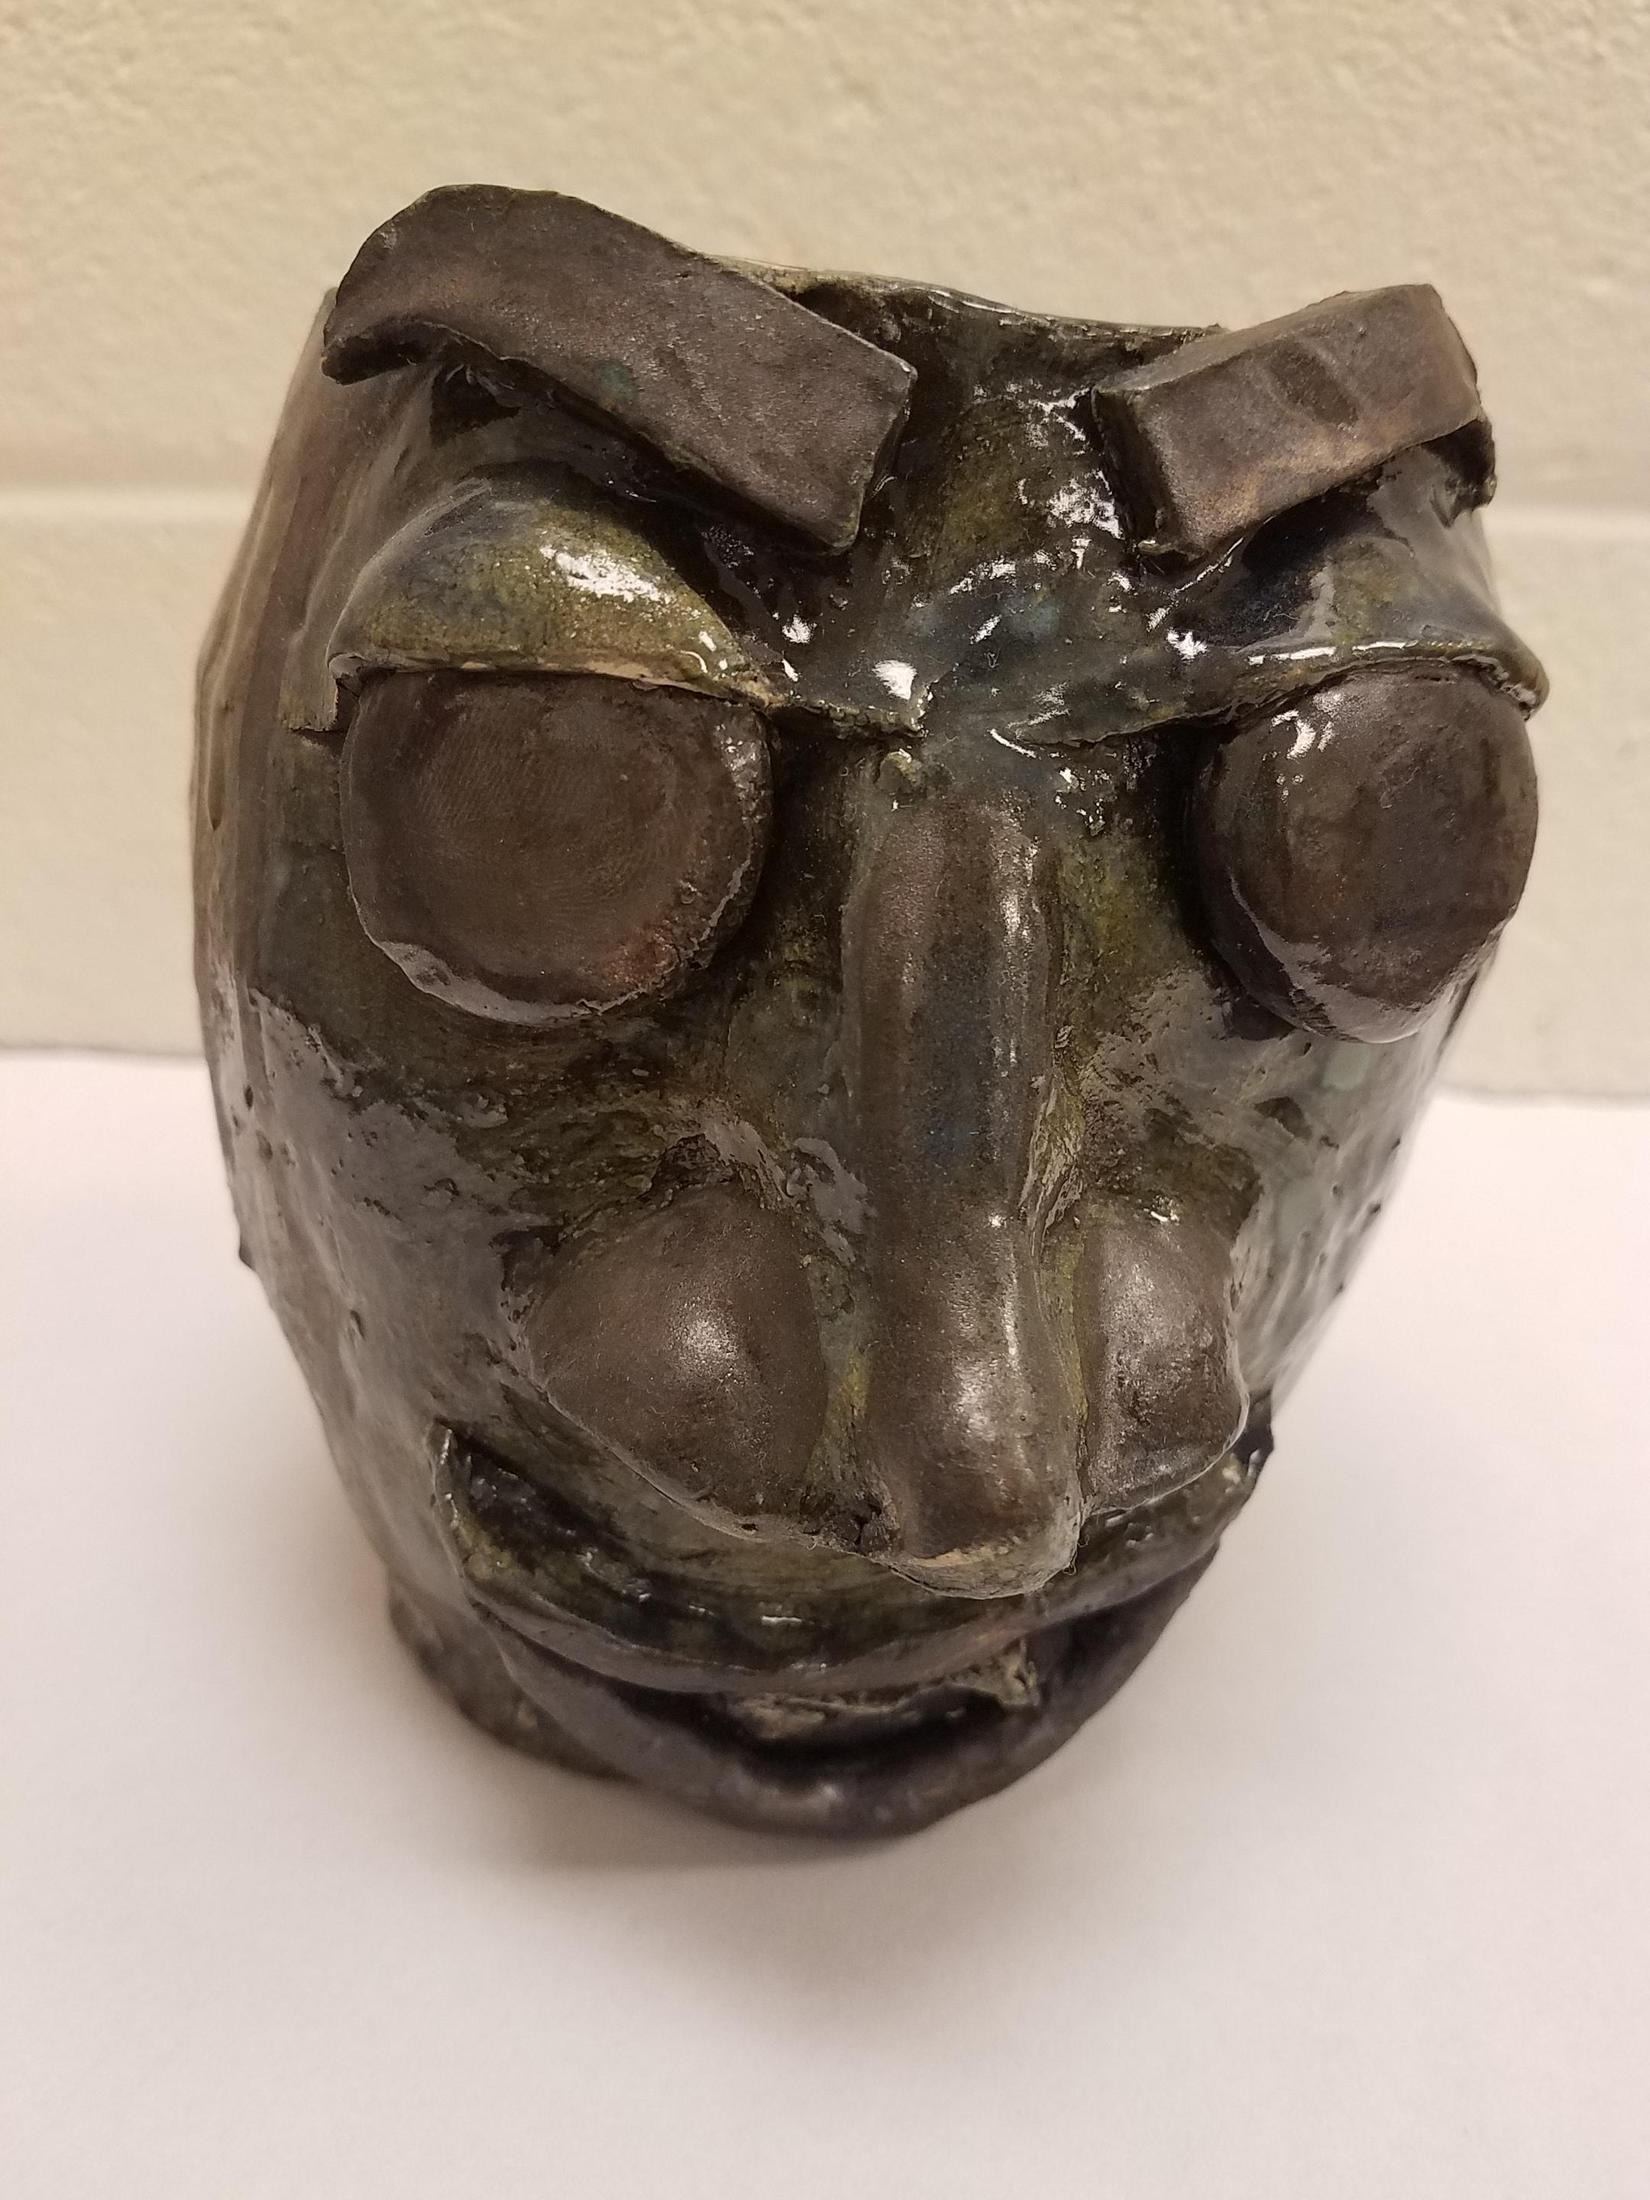 Ugly face jug